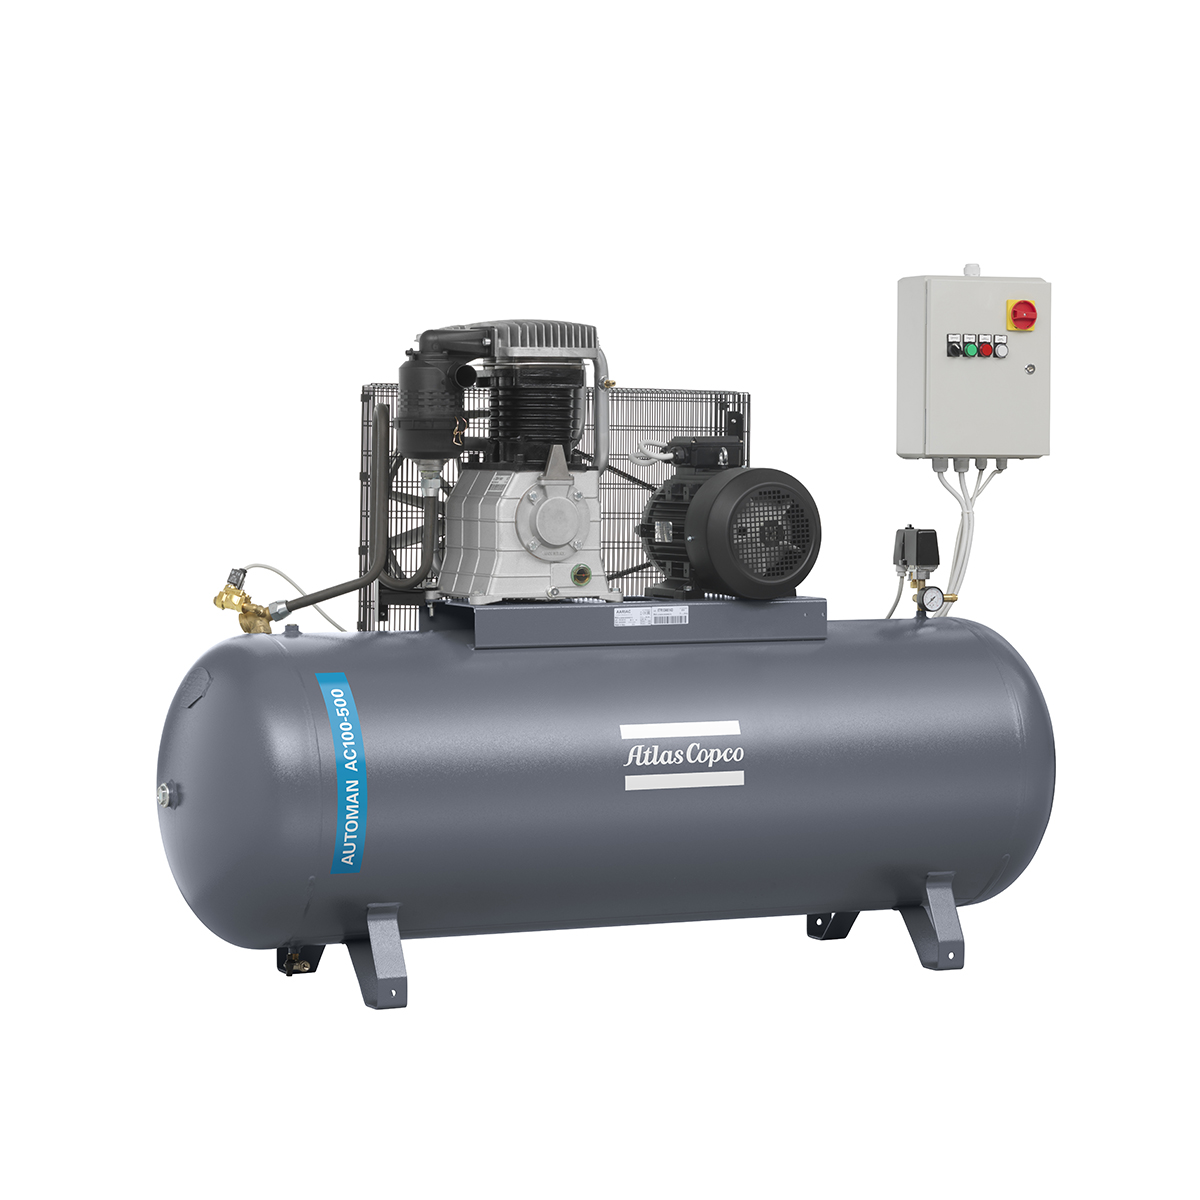 Piston Air Compressors - 7.5kW Piston Air Compressor AC100E500